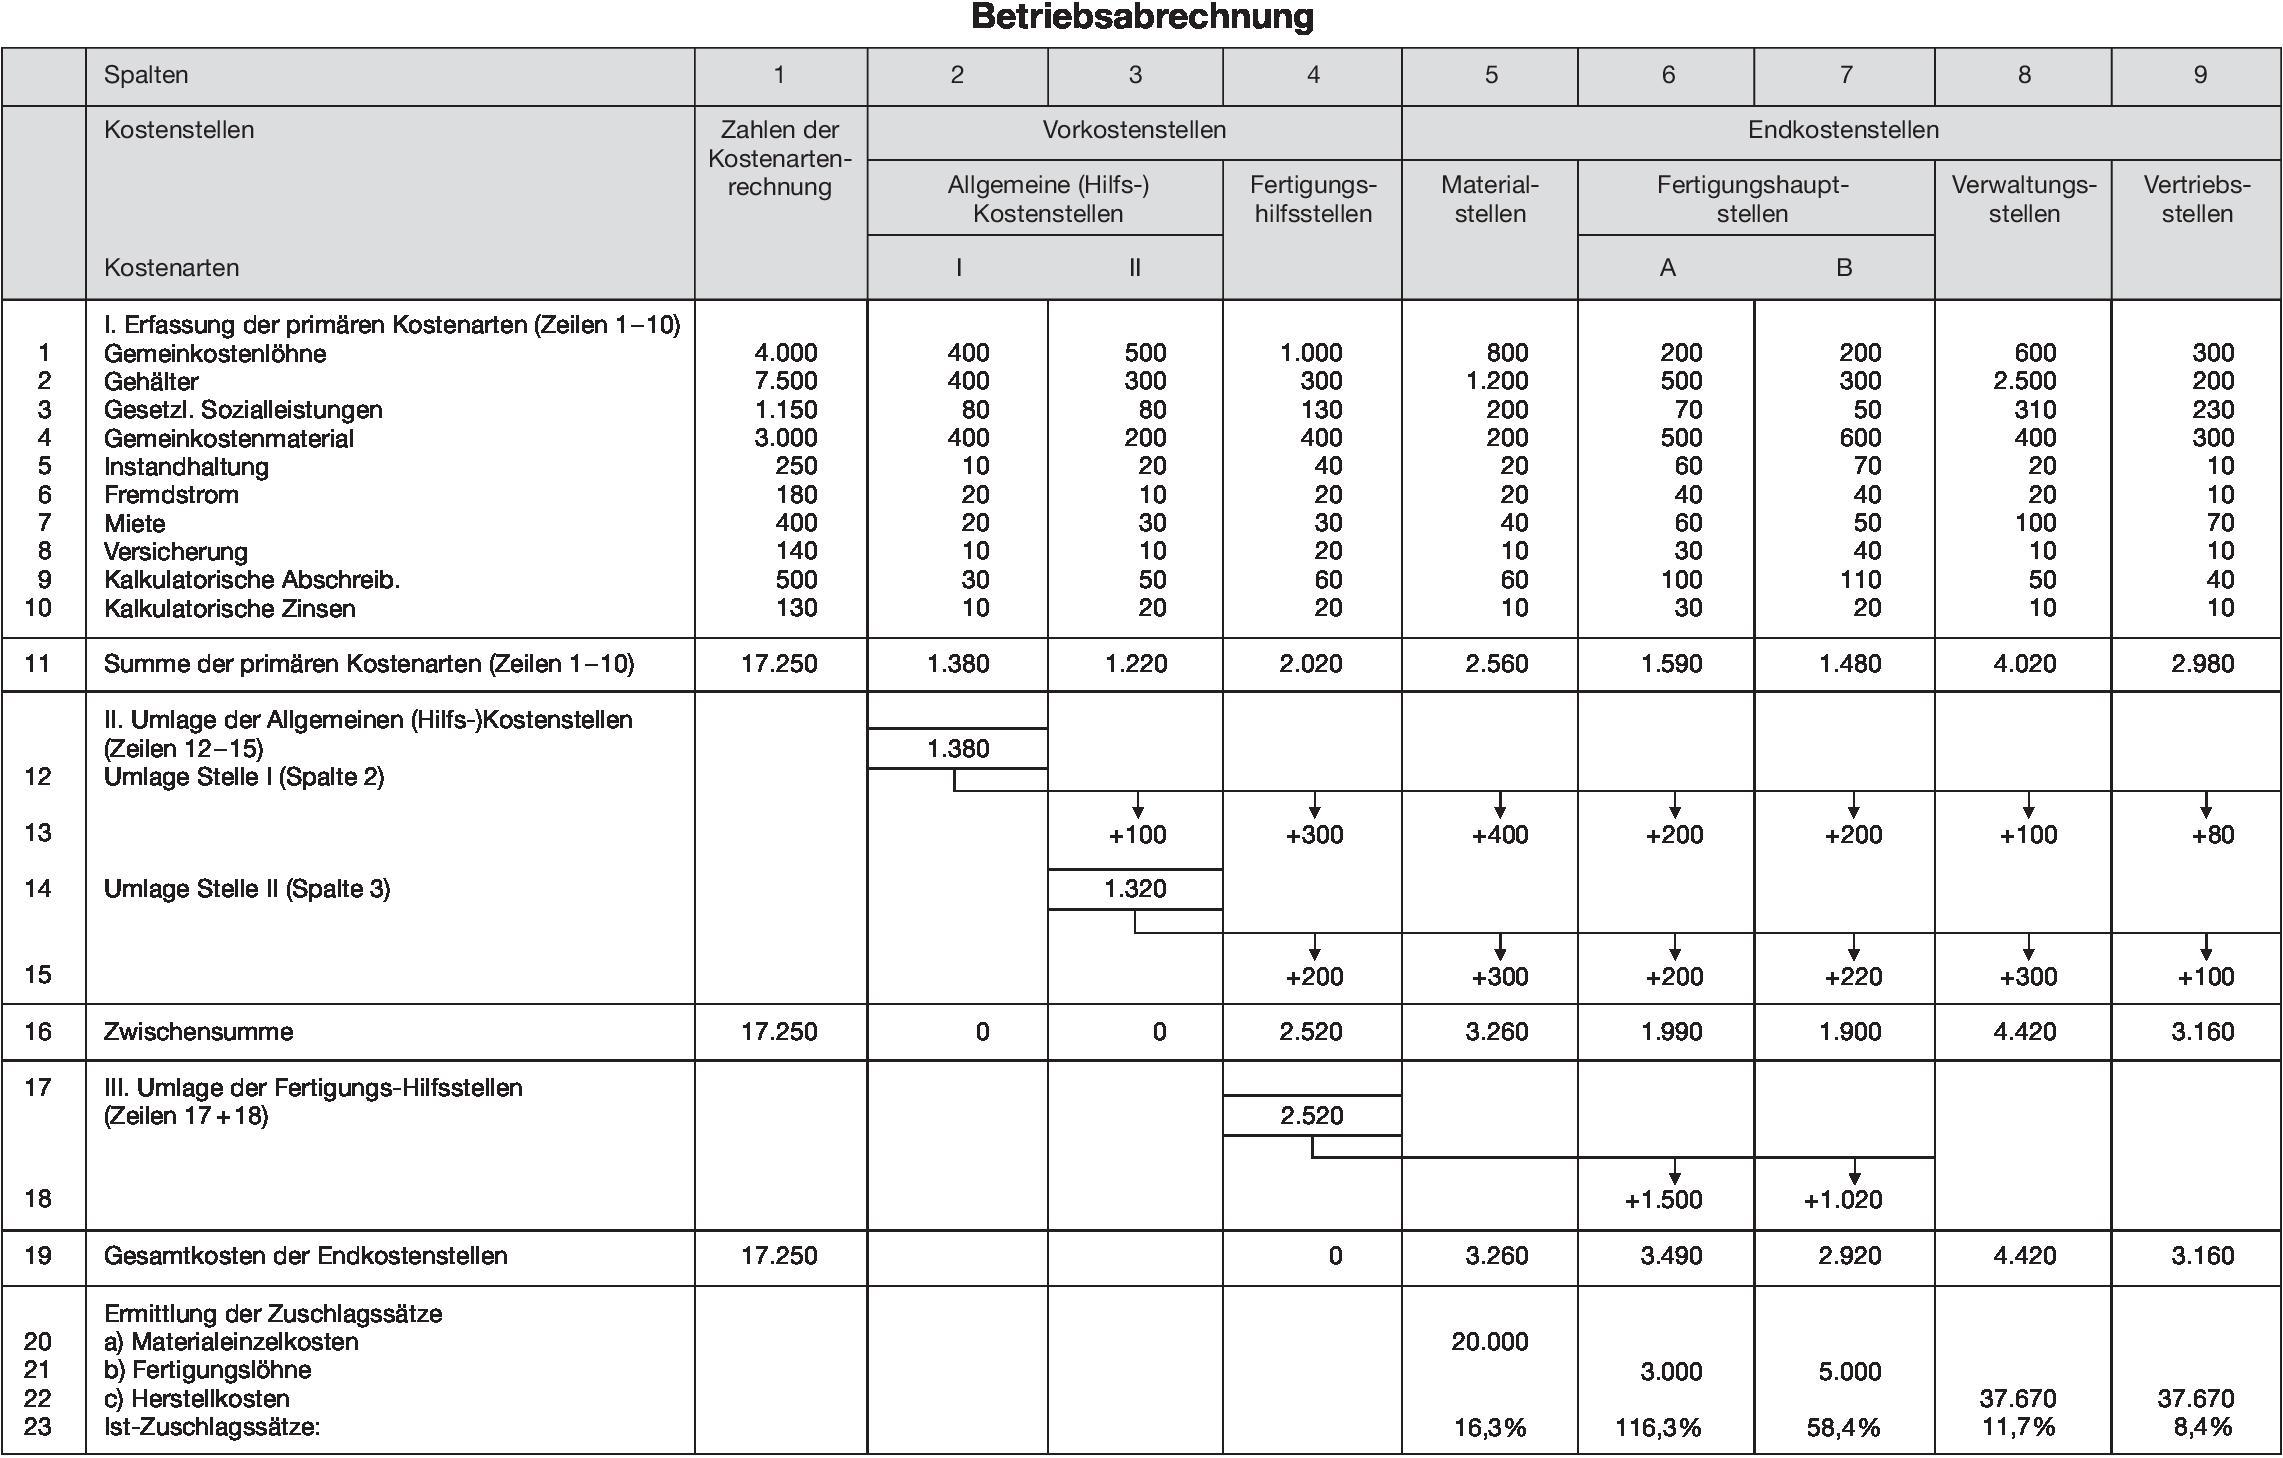 Betriebsabrechnung Definition Gabler Wirtschaftslexikon